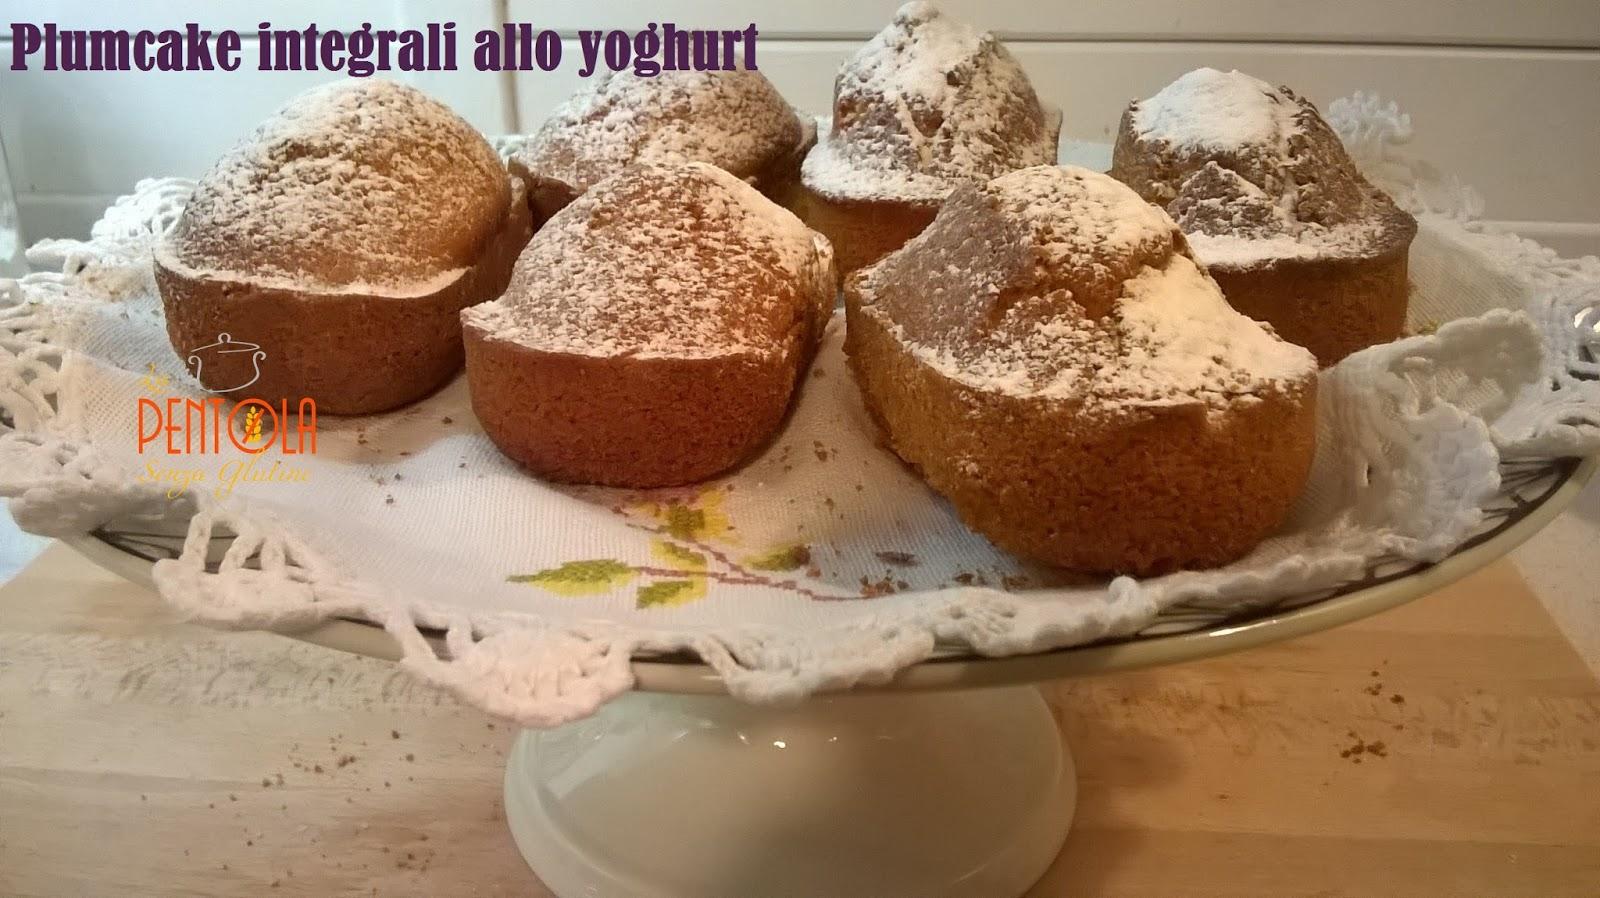 Senza Glutine è Nato Il Plumcake Di Farina Di Riso Integrale Senza  #6A3B1C 1600 898 Cucina Mediterranea Senza Glutine